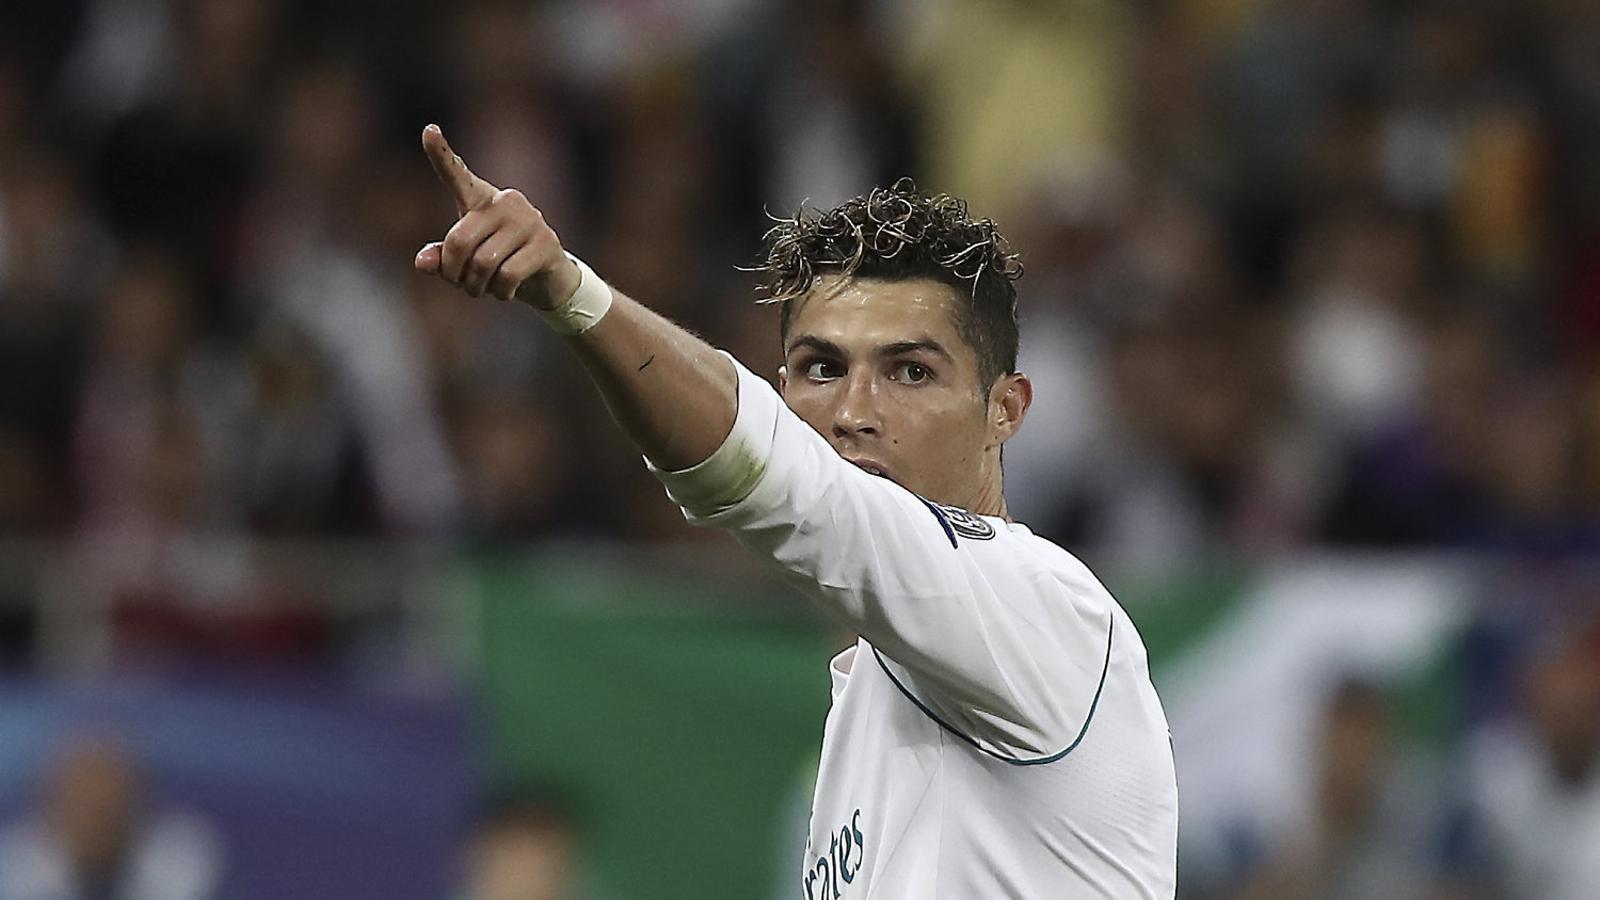 Cristiano Ronaldo va estar discret durant la final, però va centrar tot el protagonisme deixant oberta la seva sortida del Madrid.